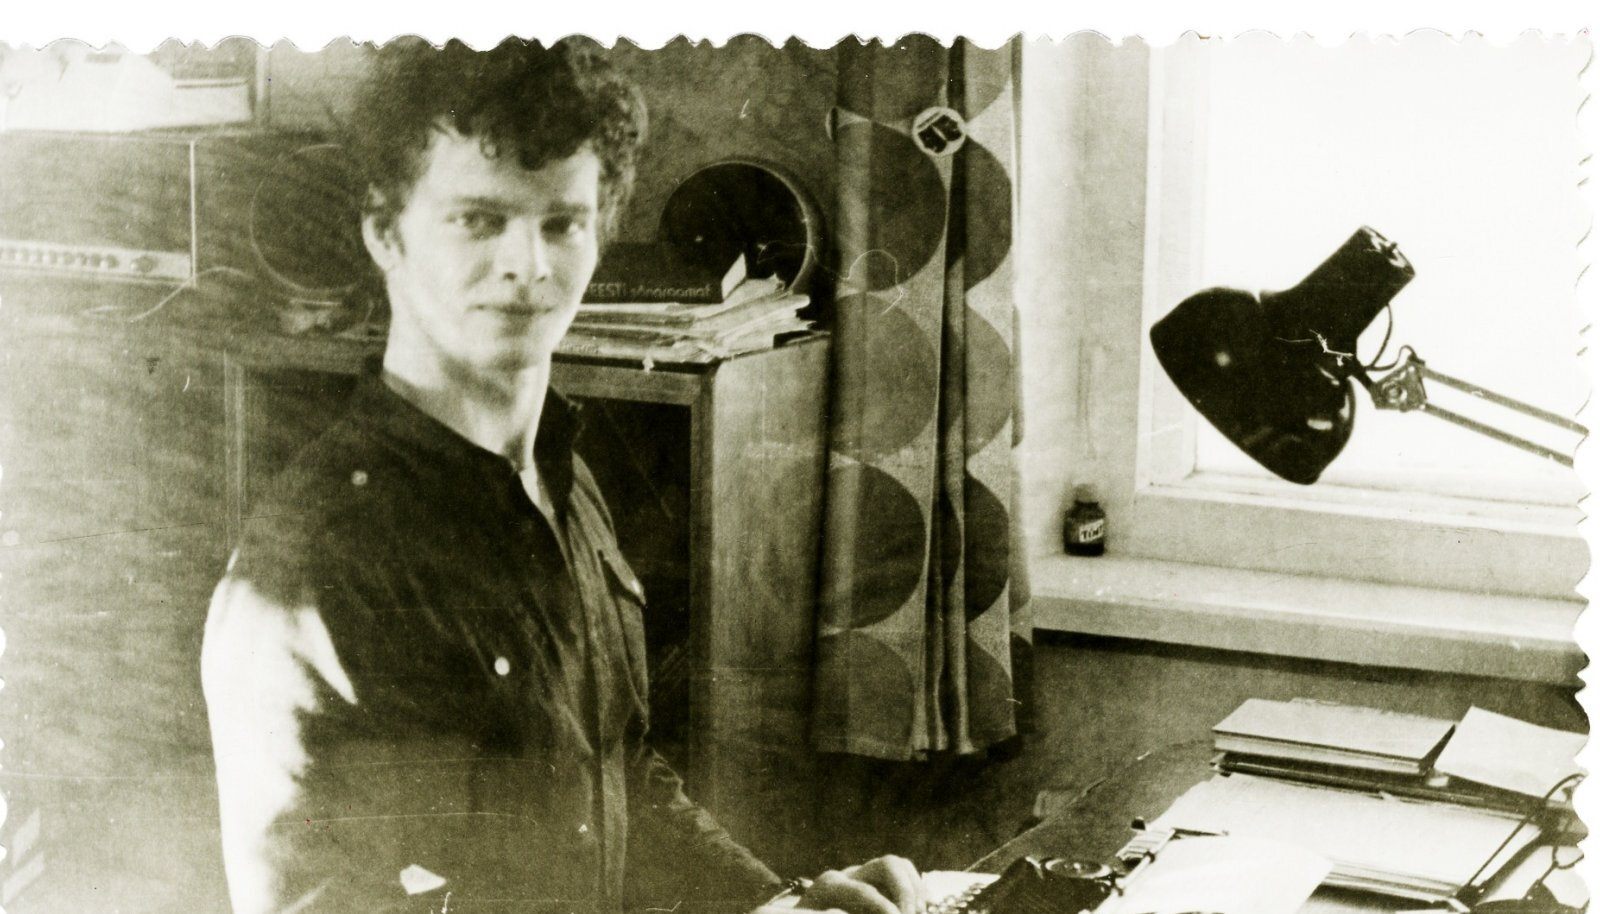 ENNE ARVUTIAJASTUT: Hans H. Luik kirjutusmasina taga, aasta peaks olema 1976.